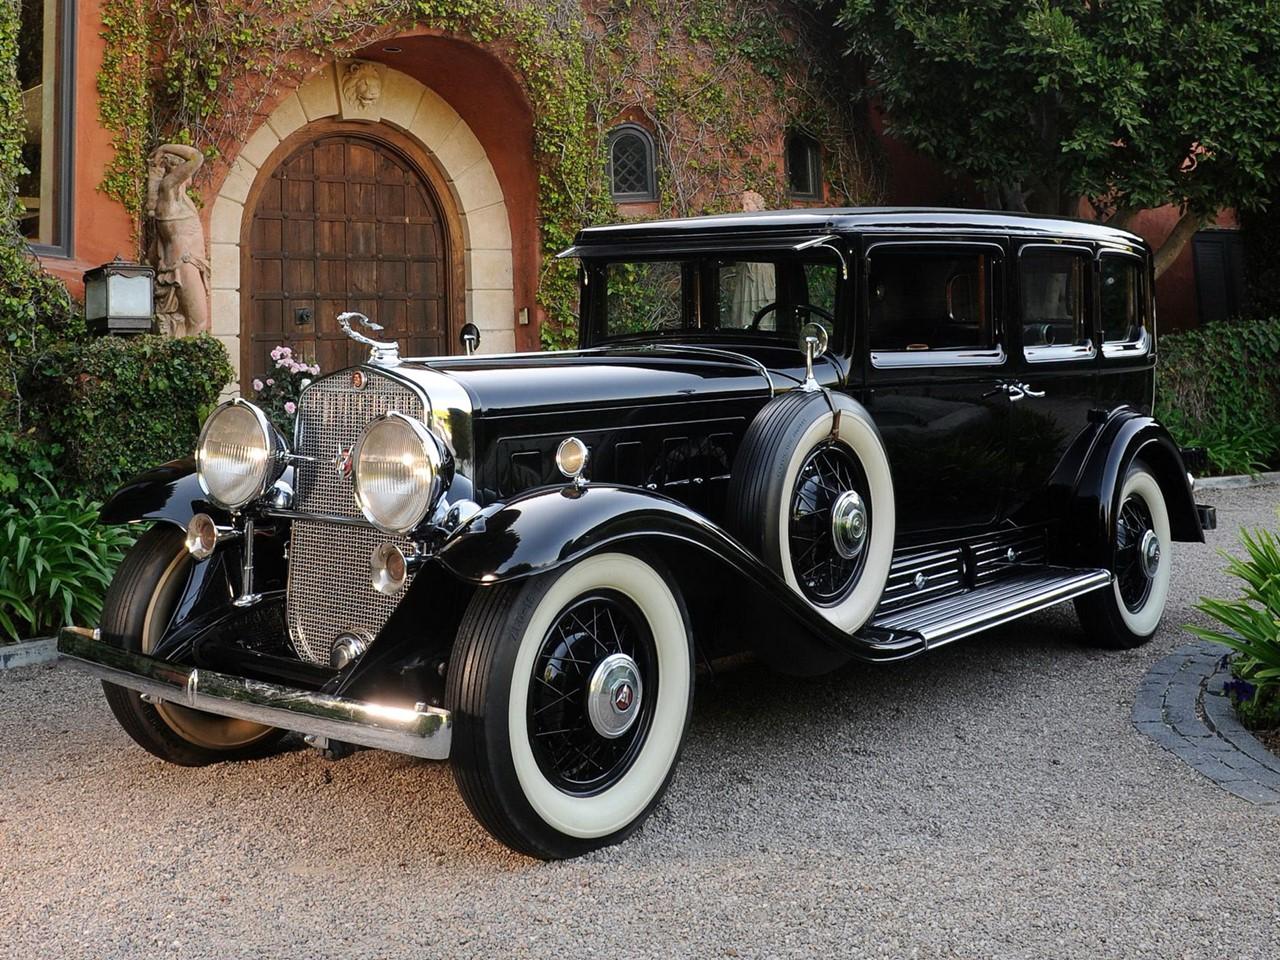 1931 Cadillac V12